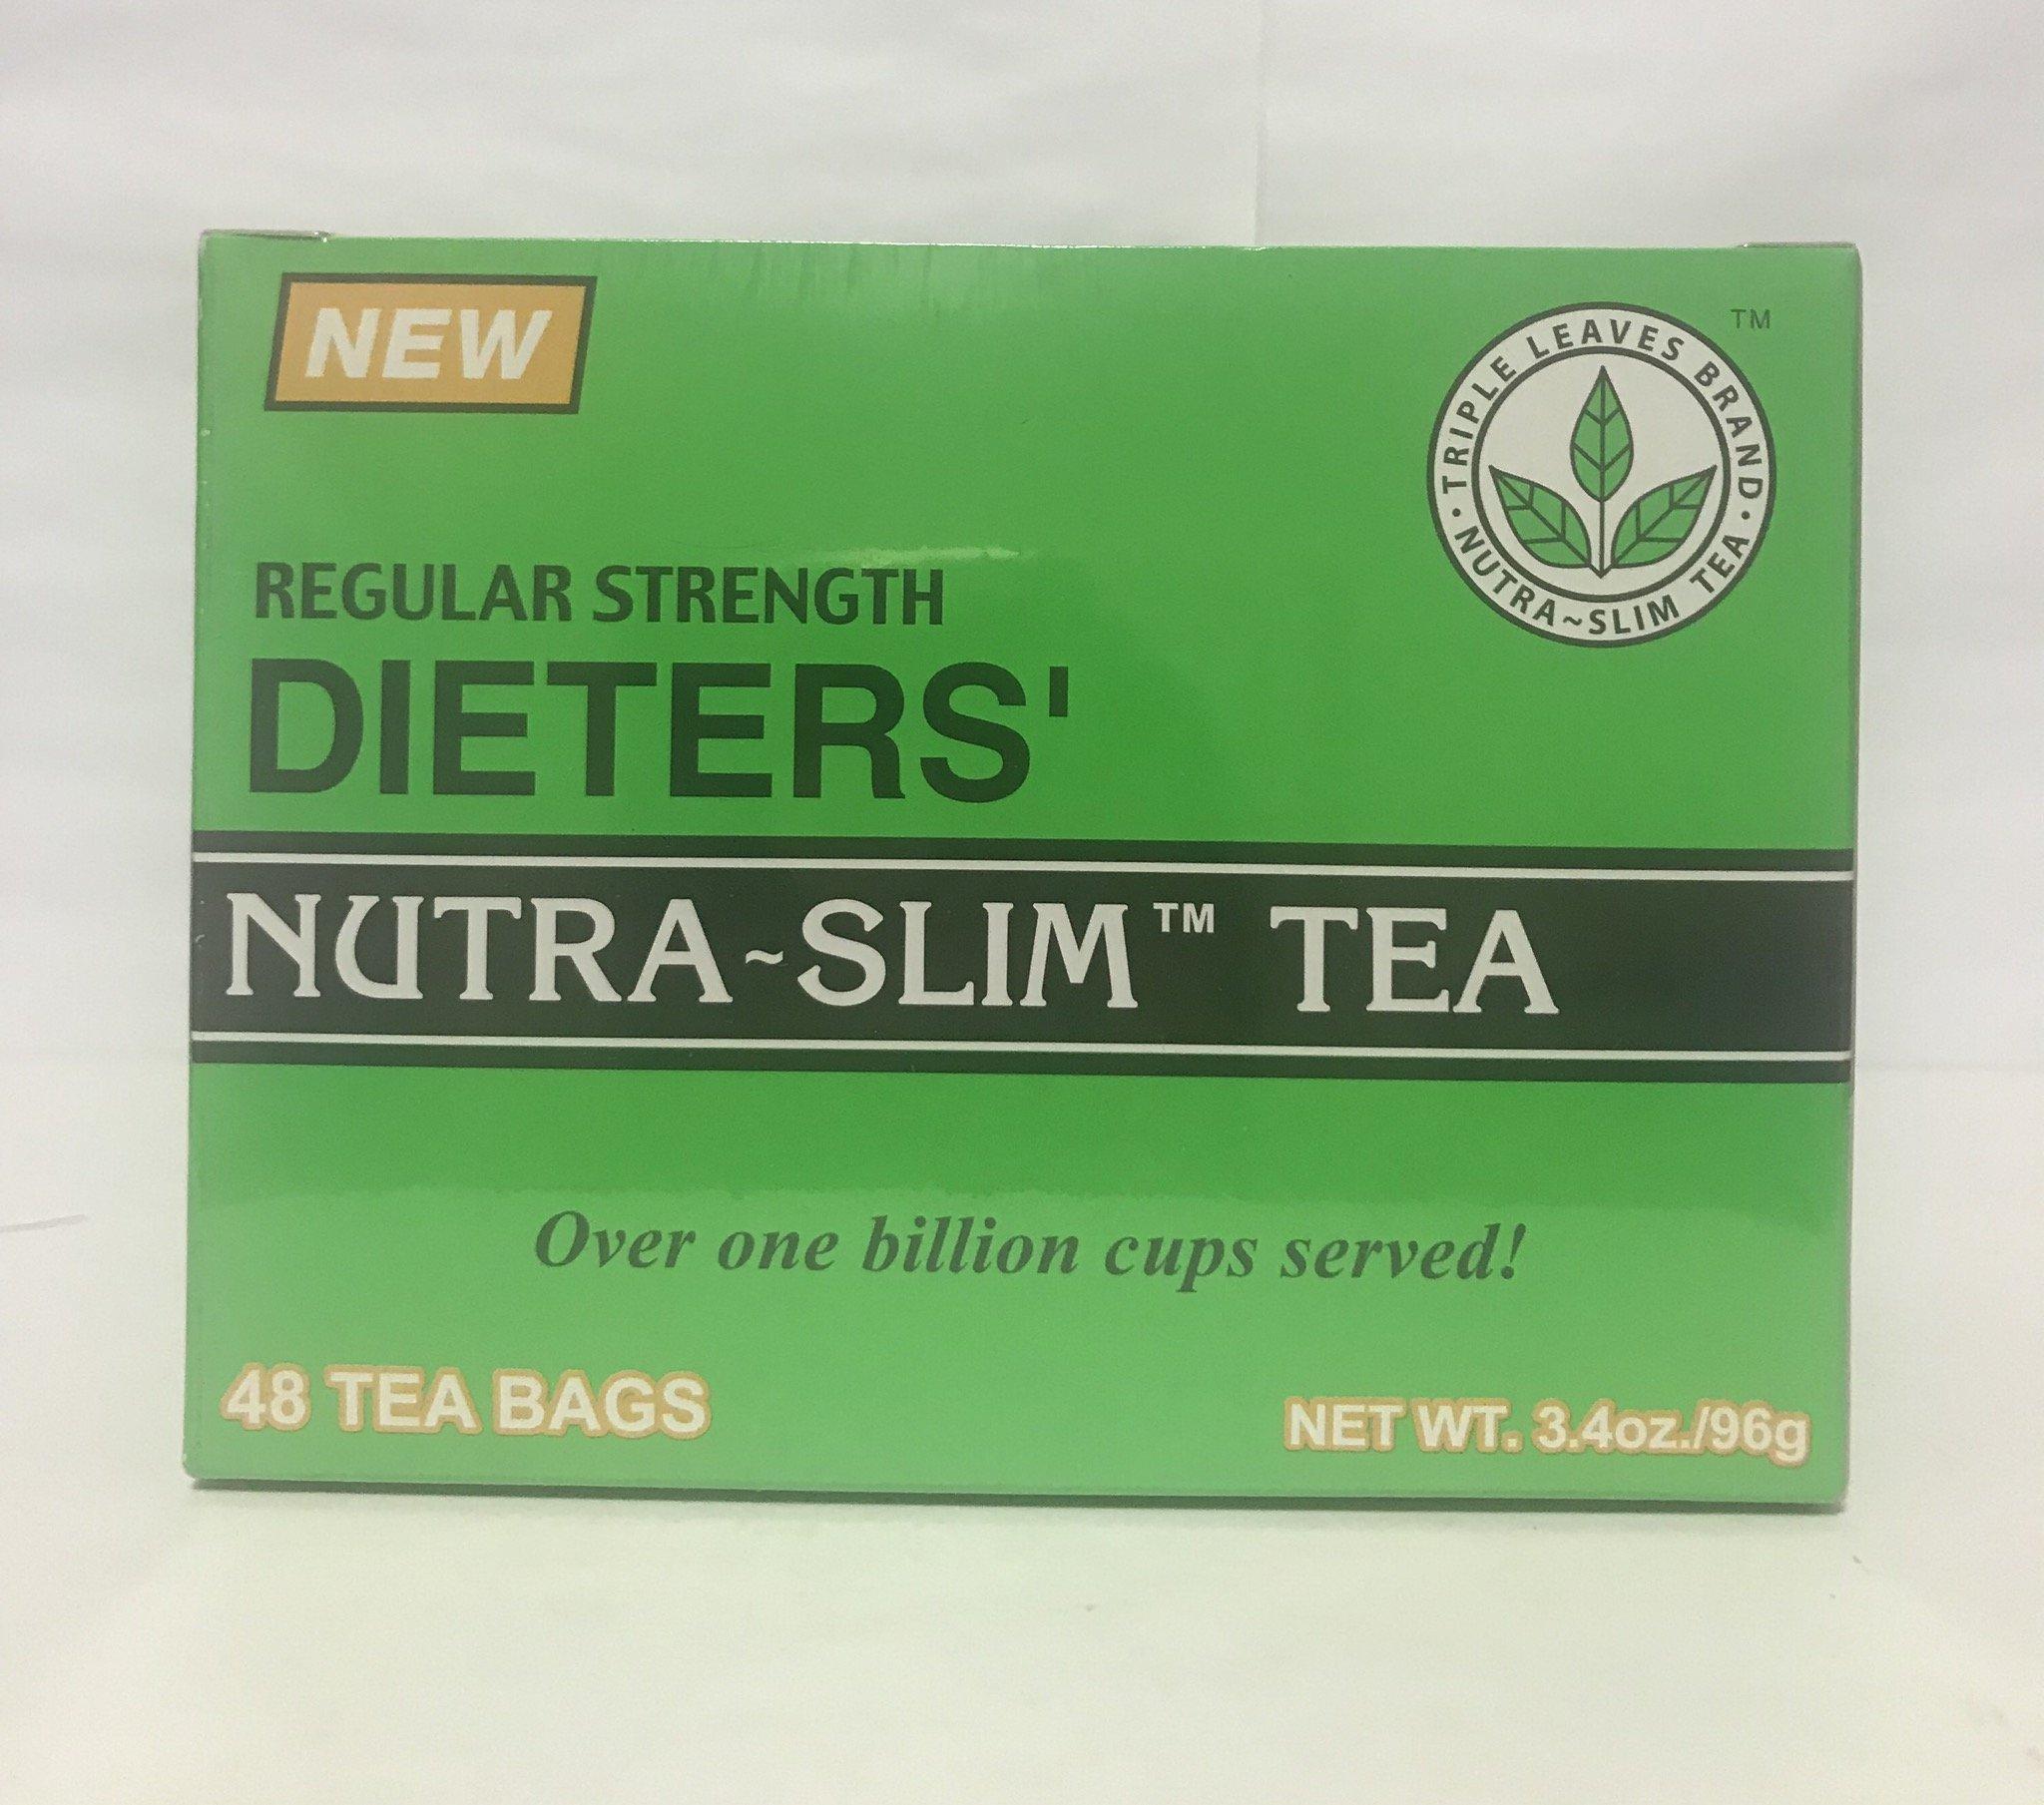 Regular Strength Dieters' Nutra-Slim Tea Triple Leaves Brand - 48 Tea Bags